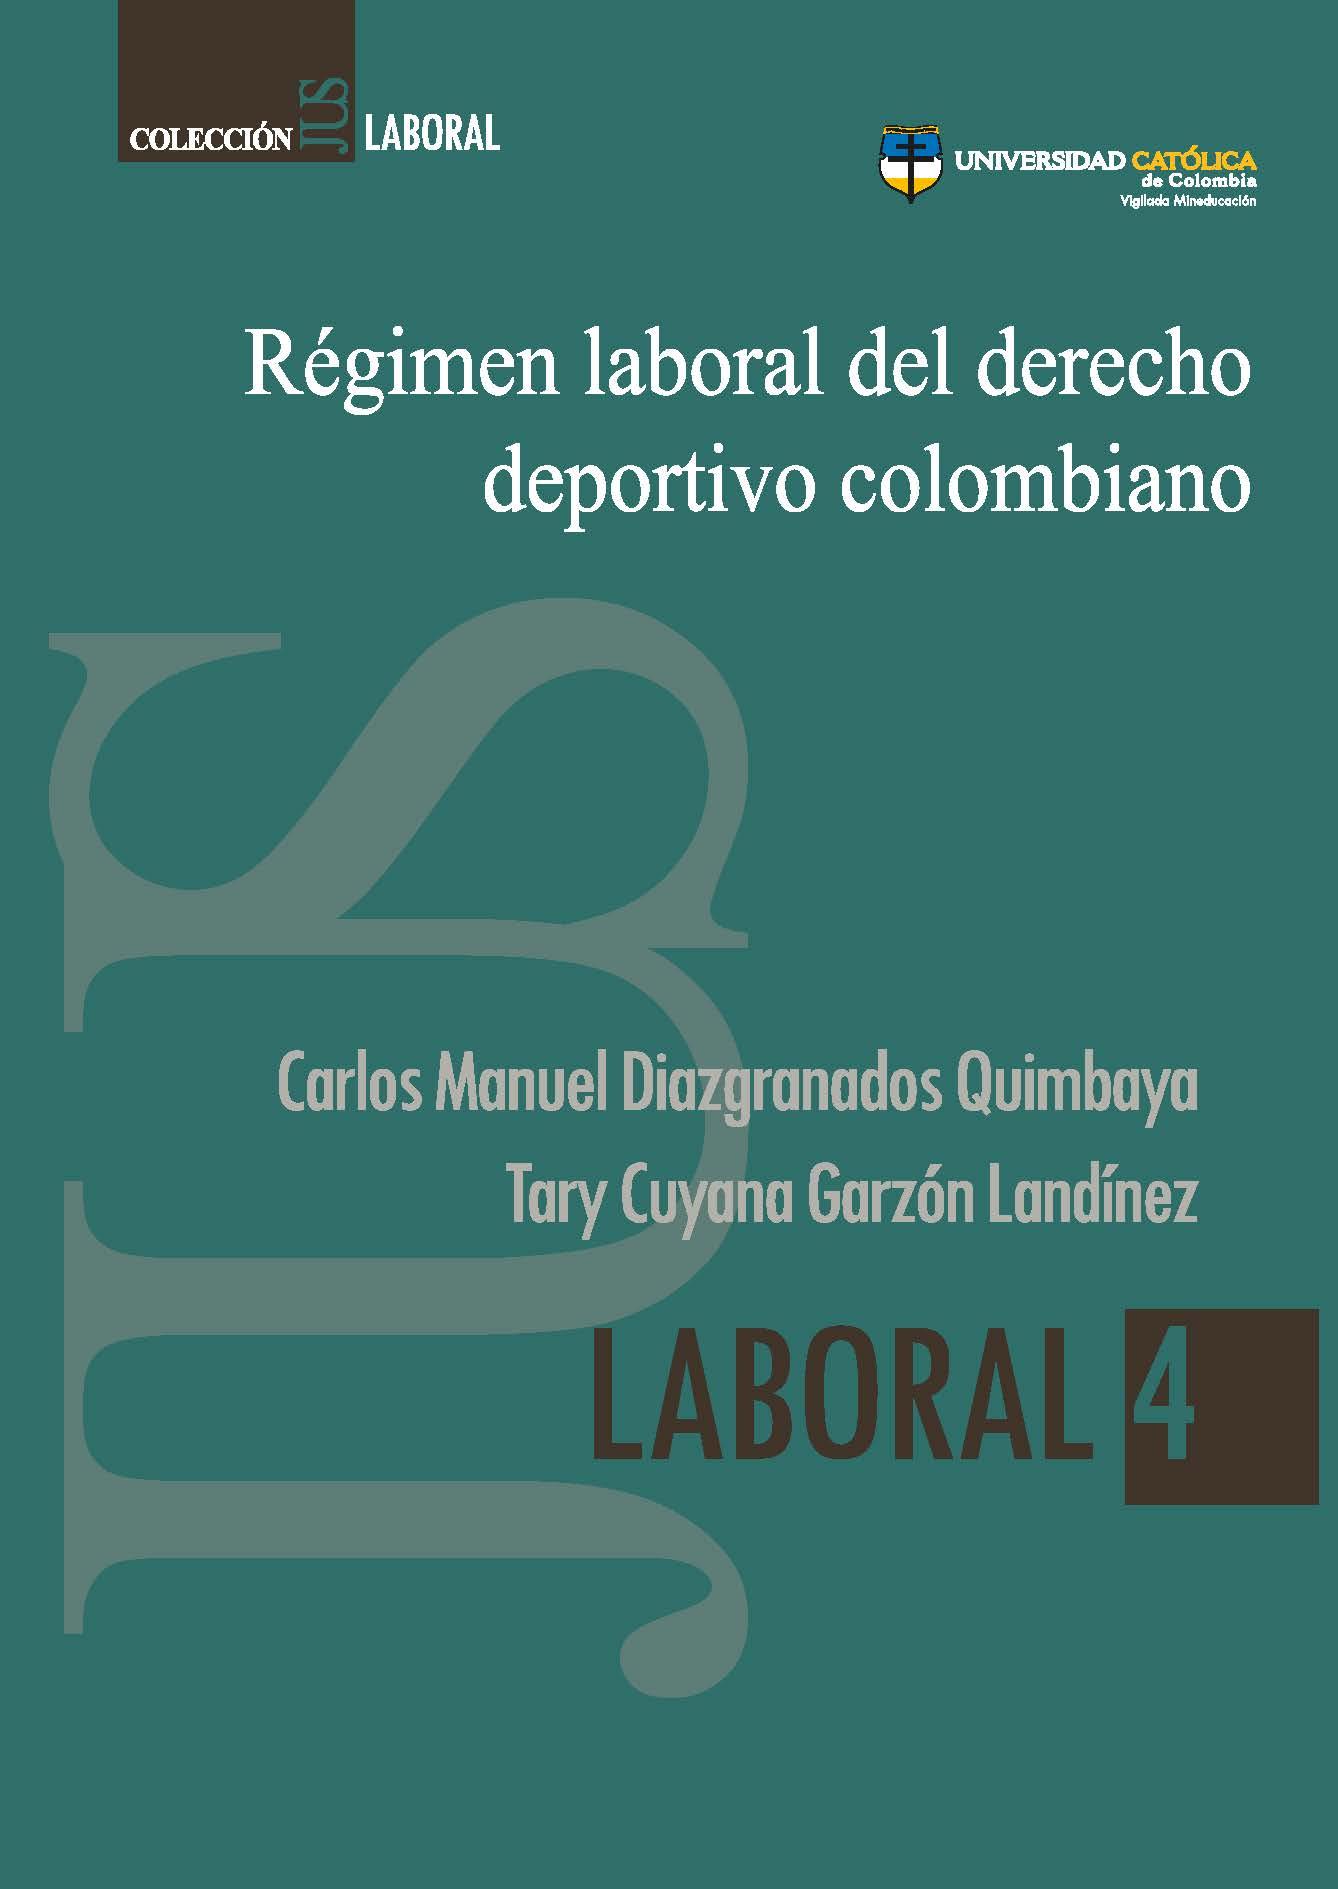 Régimen laboral del derecho deportivo colombiano